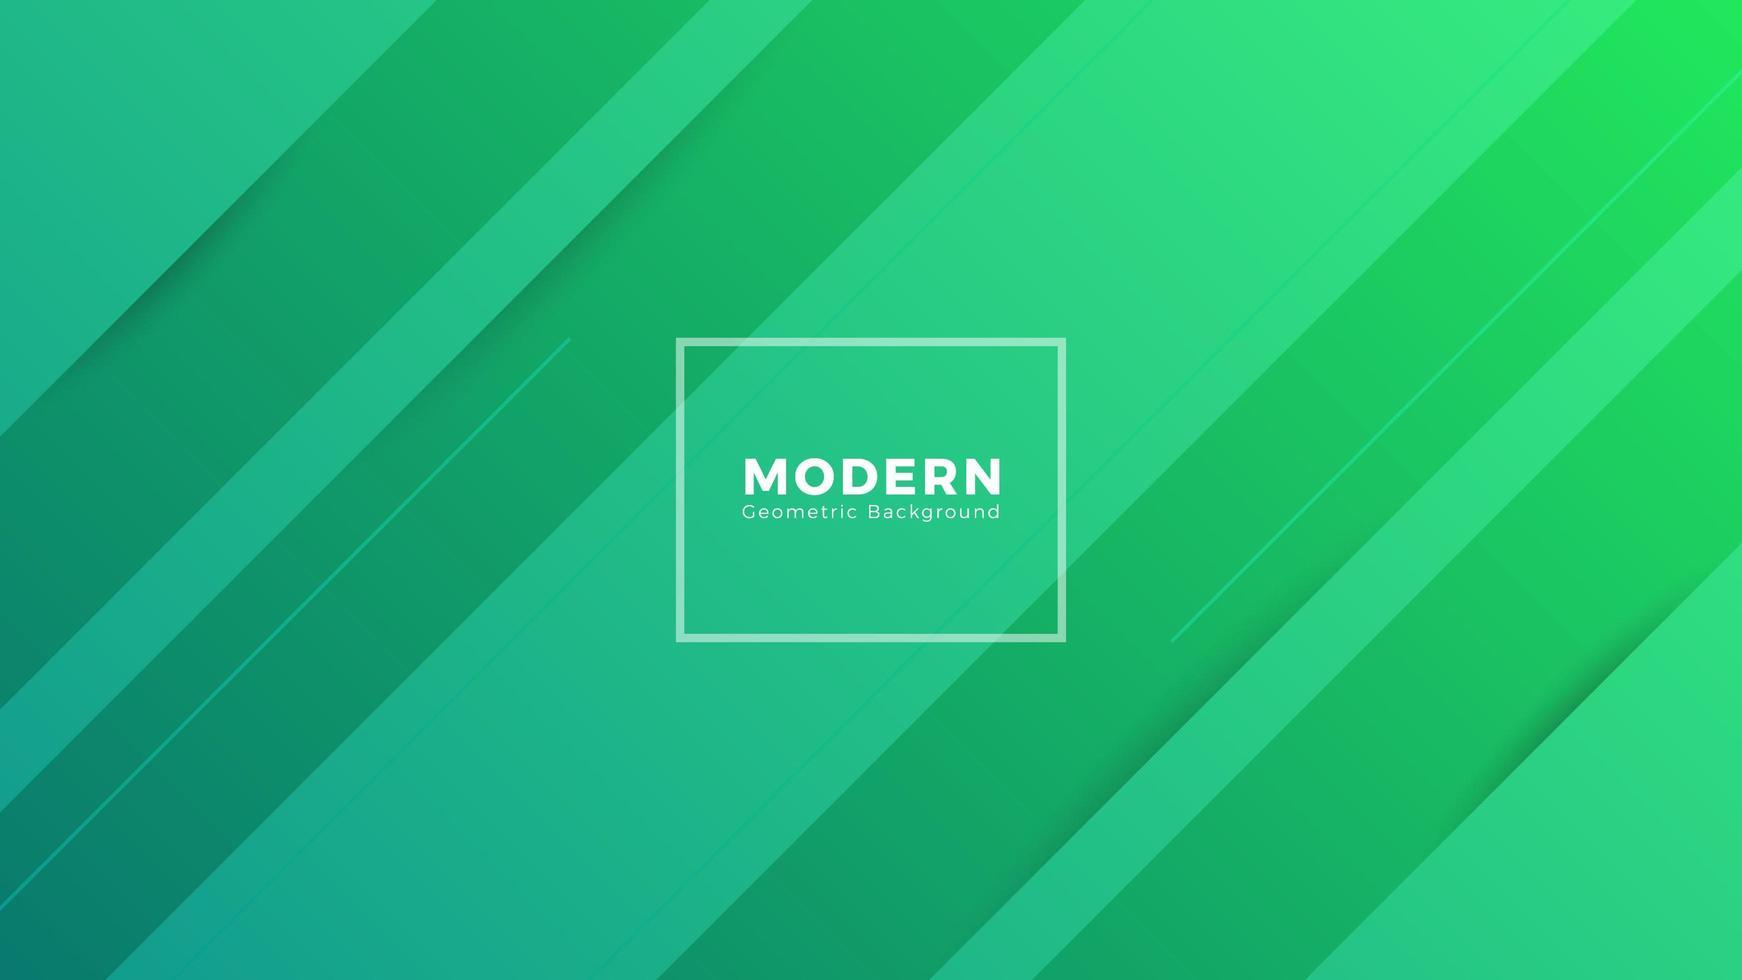 conception de fond moderne abstrait vert vecteur